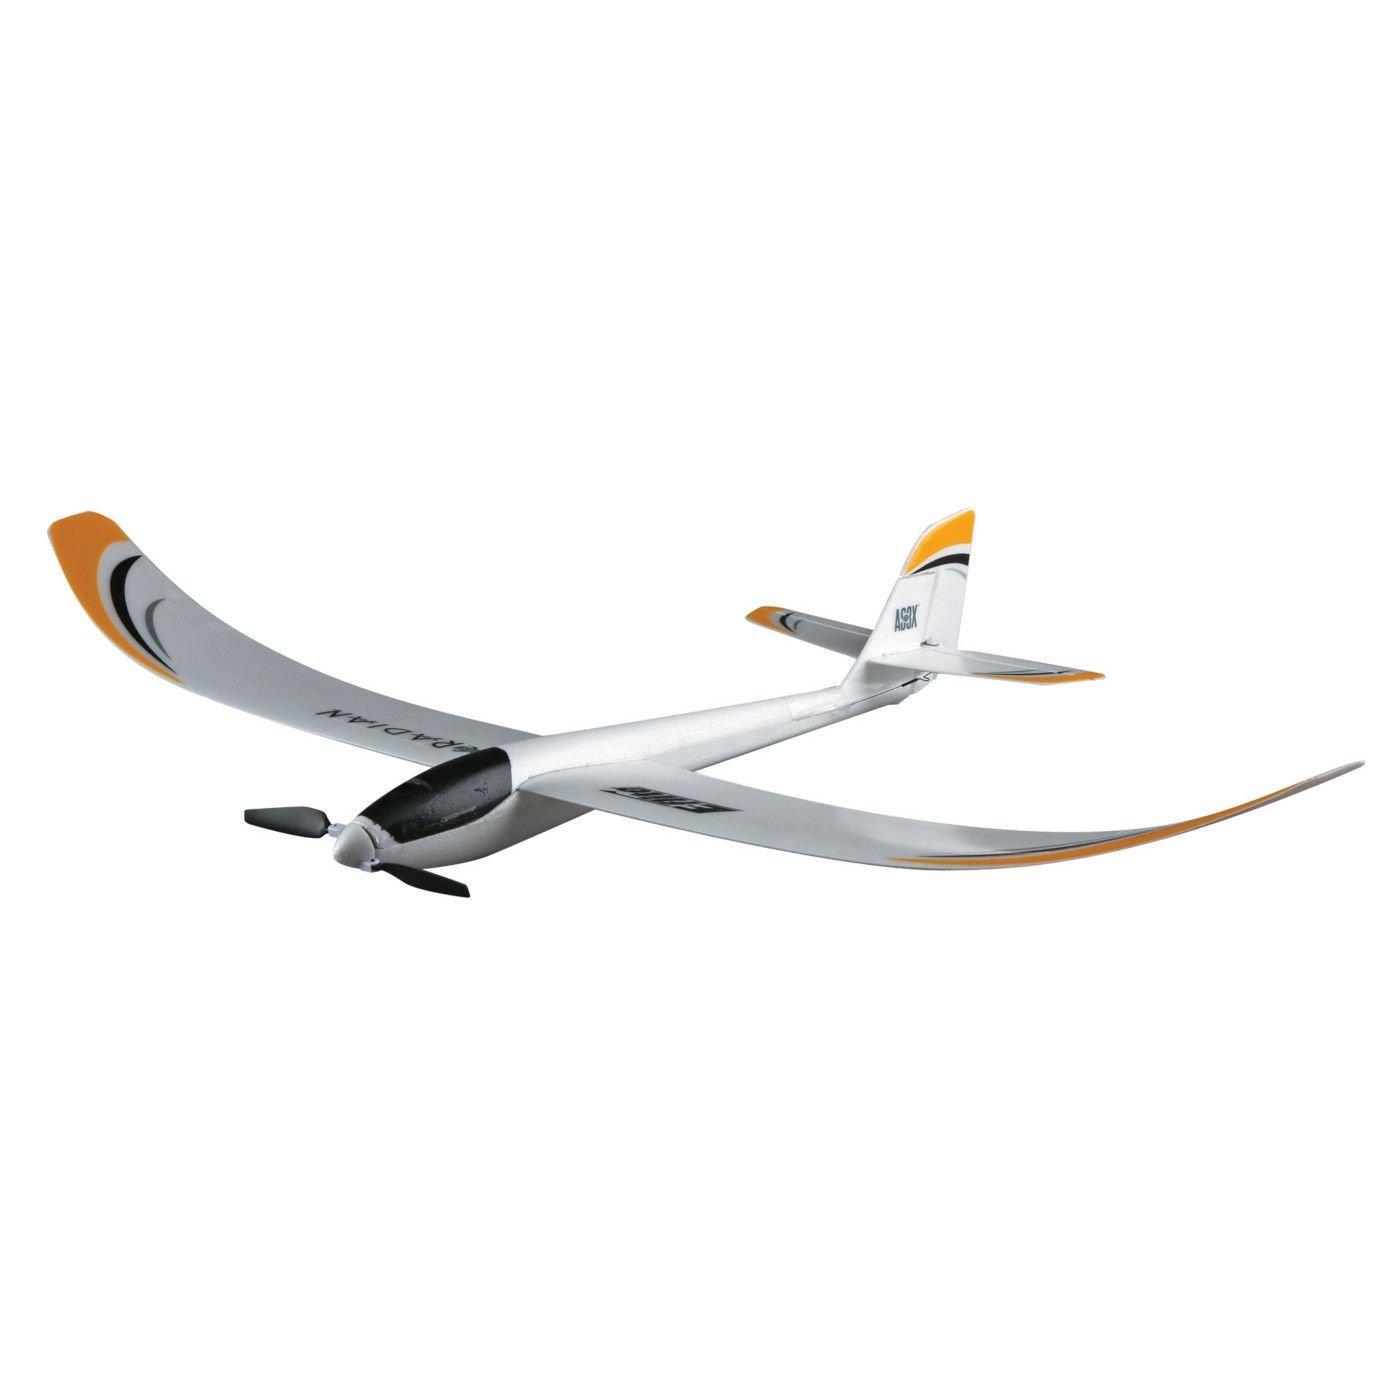 E-Flite Flugzeug U2980 UMX Radian BNF Flugzeug E-Flite 1c4a7a